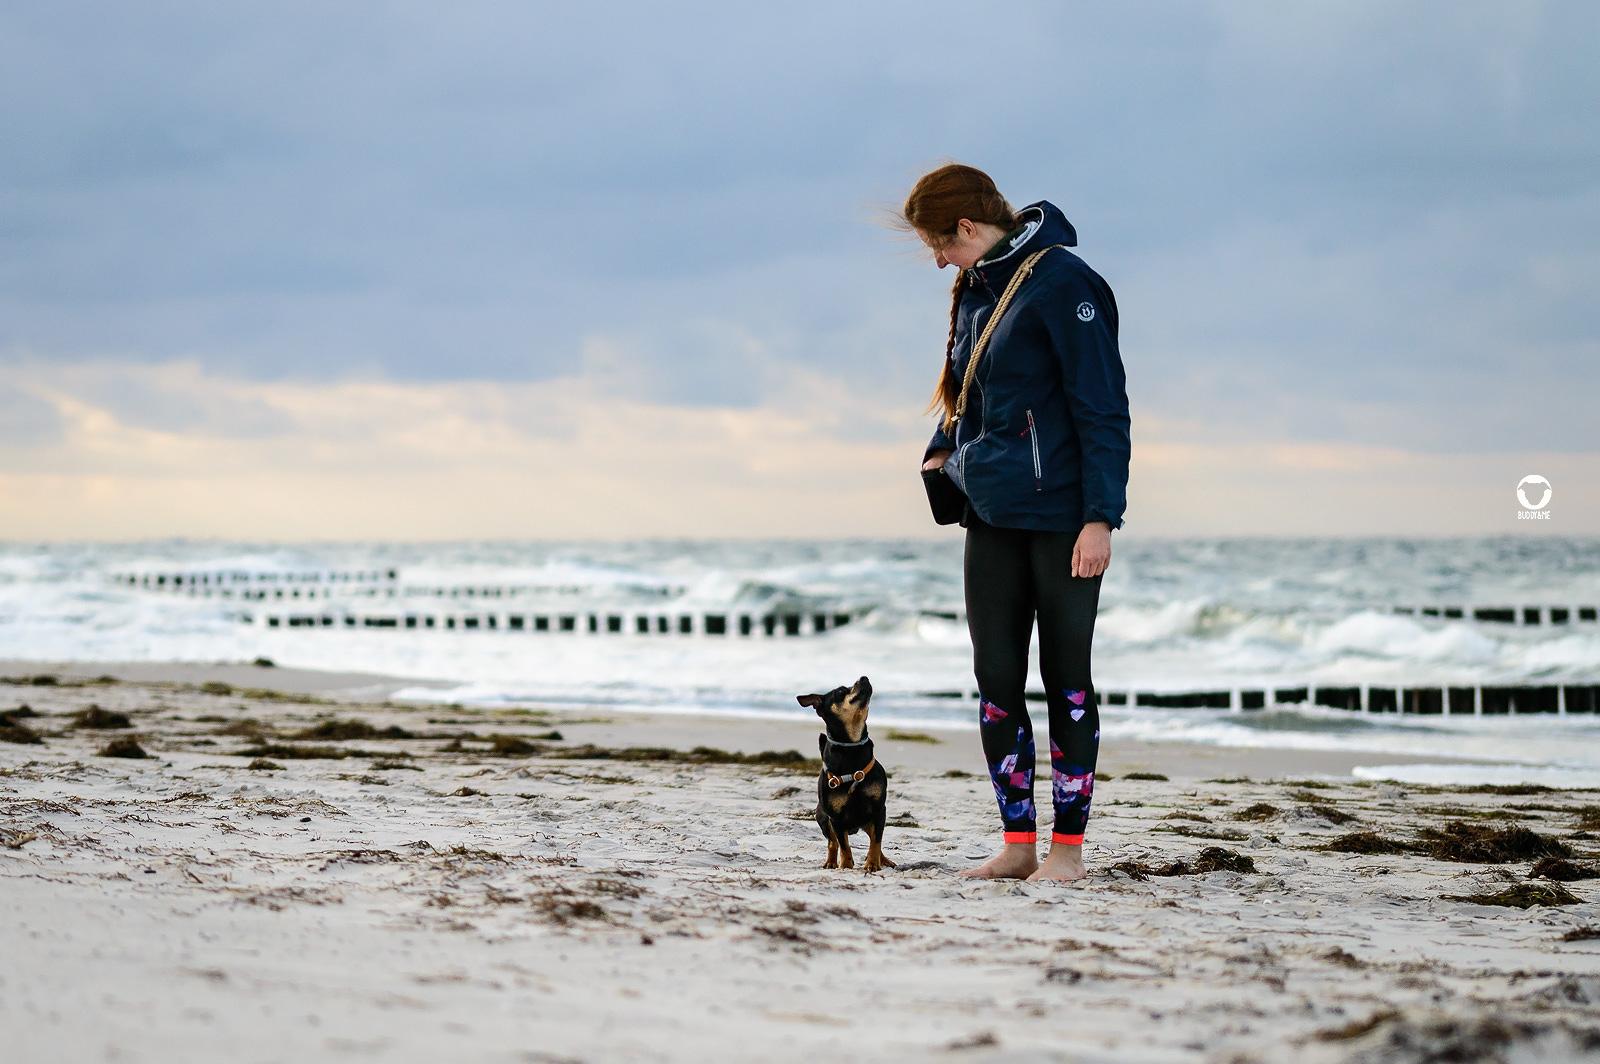 Zingst 2021 - Team Buddy & Me, Buddy und Melody gemeinsam unterwegs am Zingster Strand